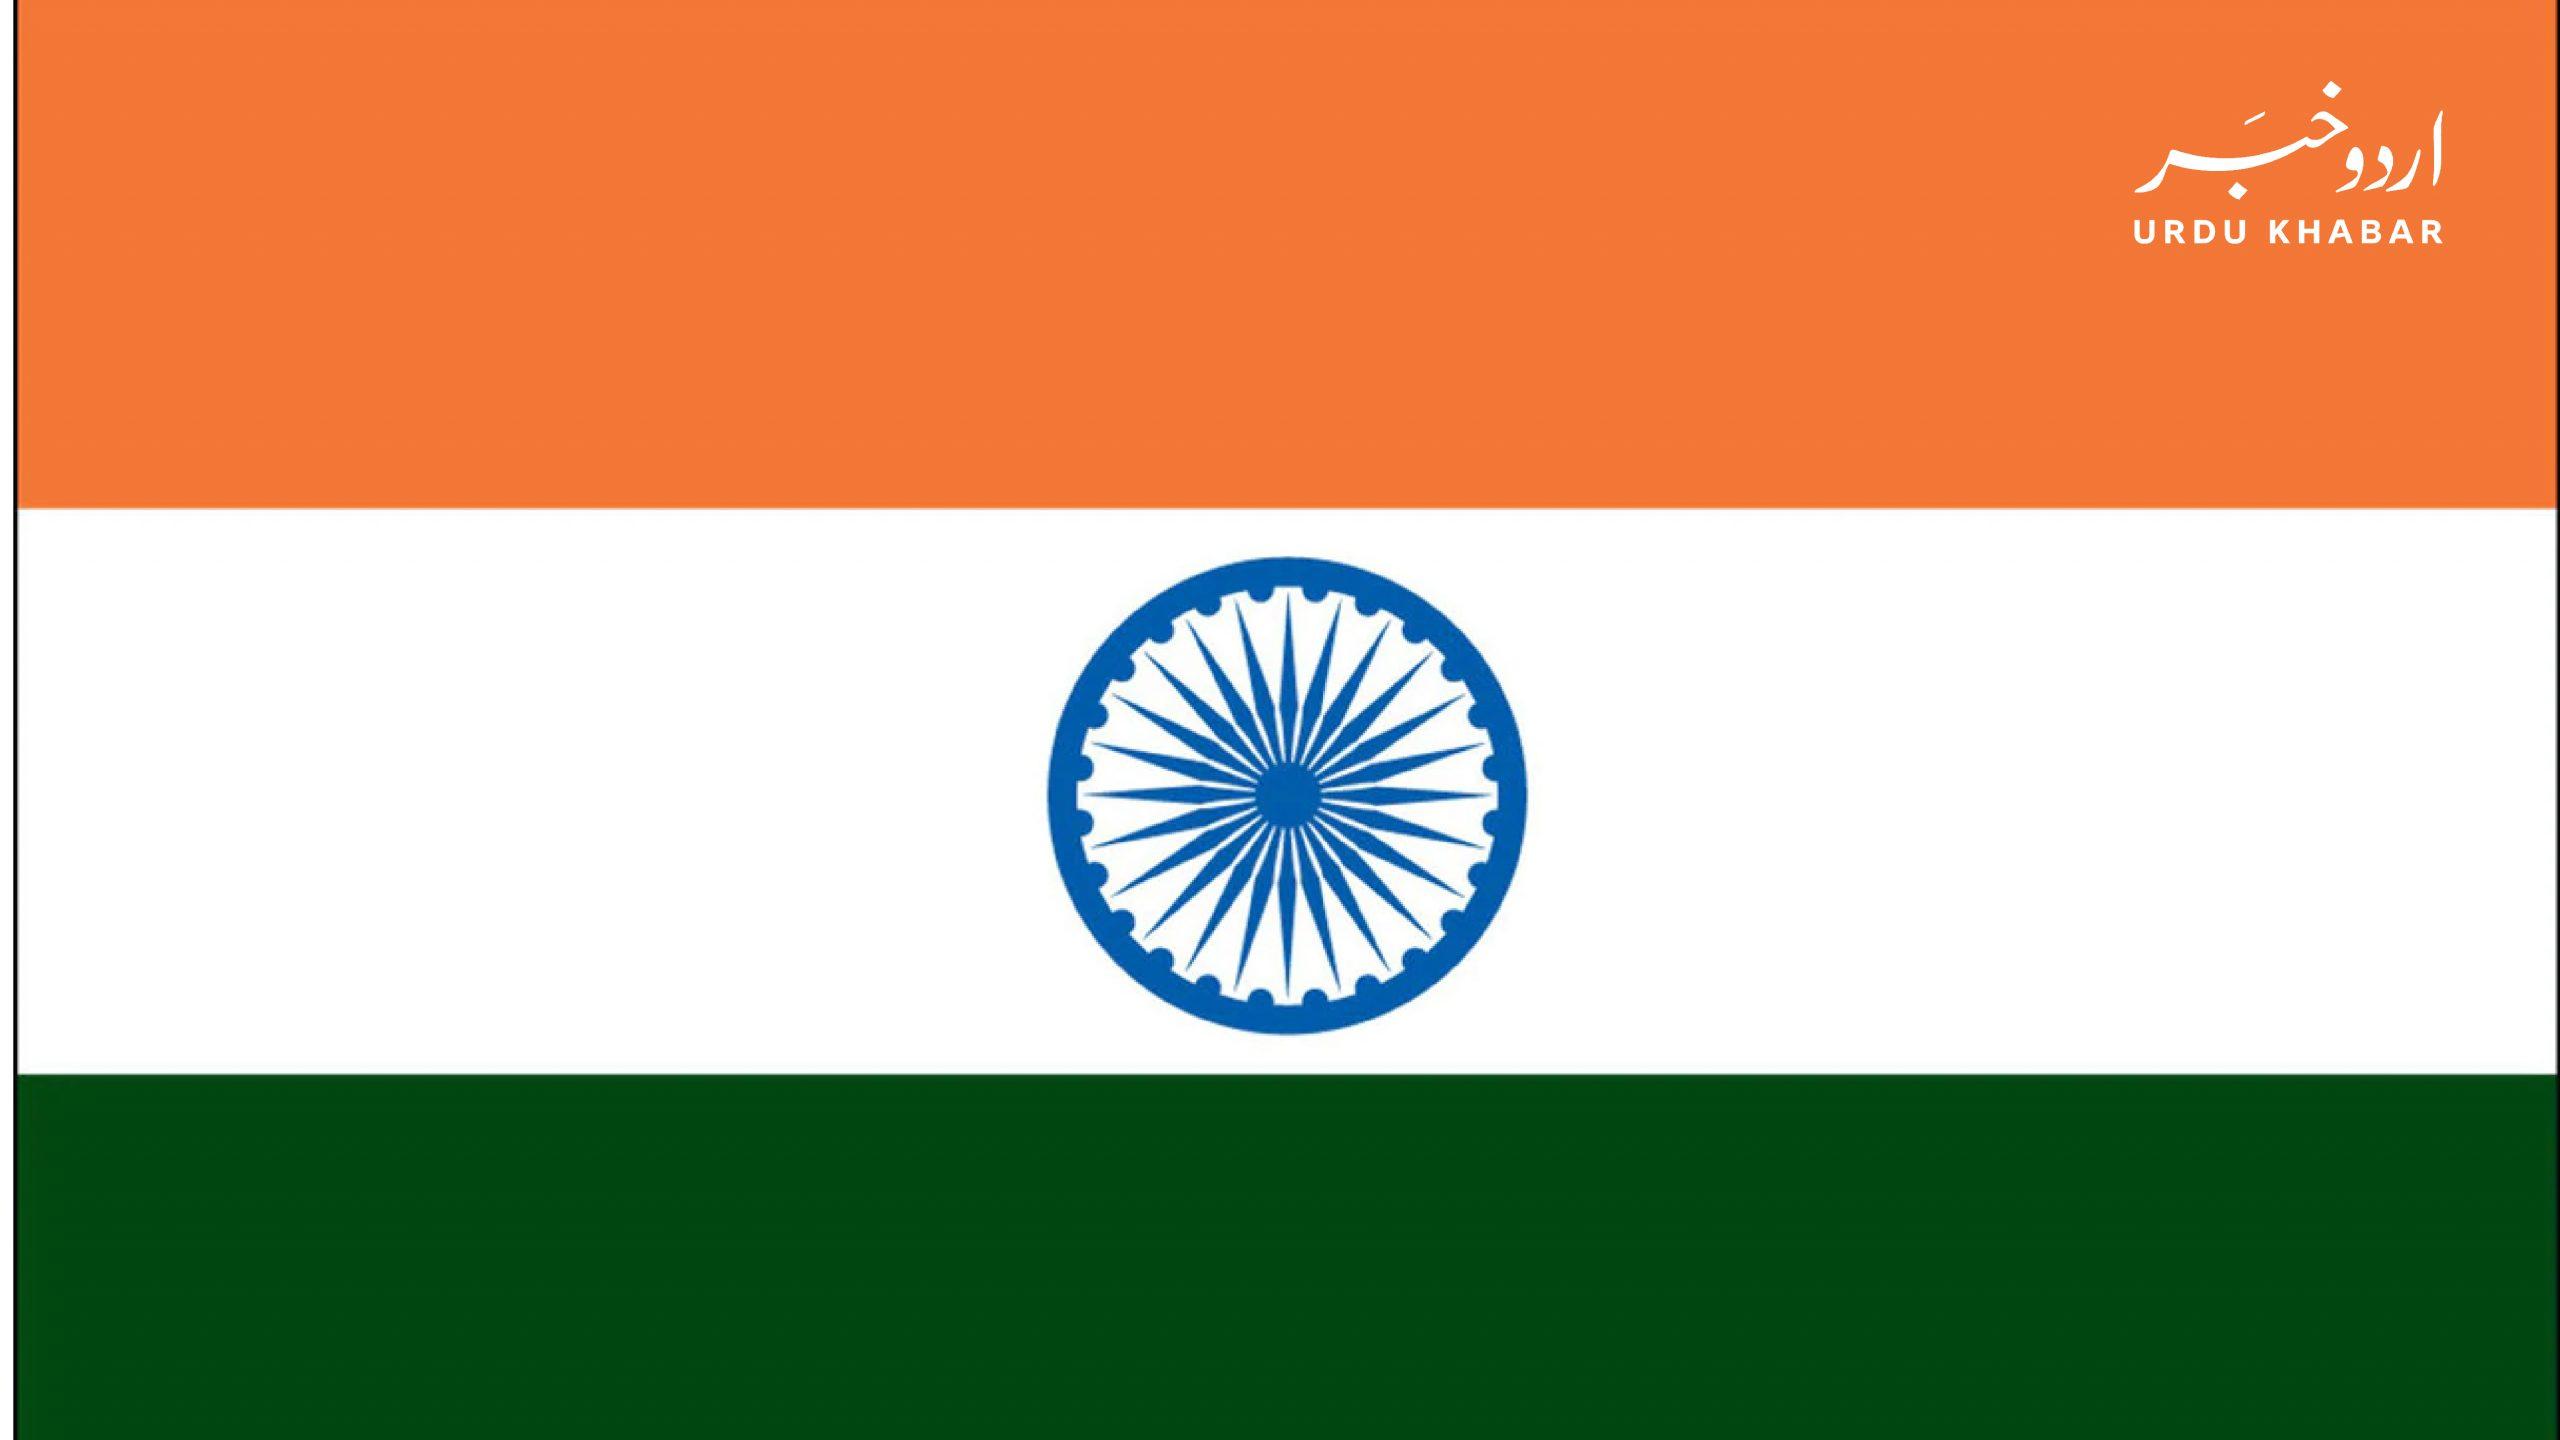 پاکستان نے بھارت کی او آئی سی کی کشمیر قرار داد پر تنقید کو مسترد کردیا